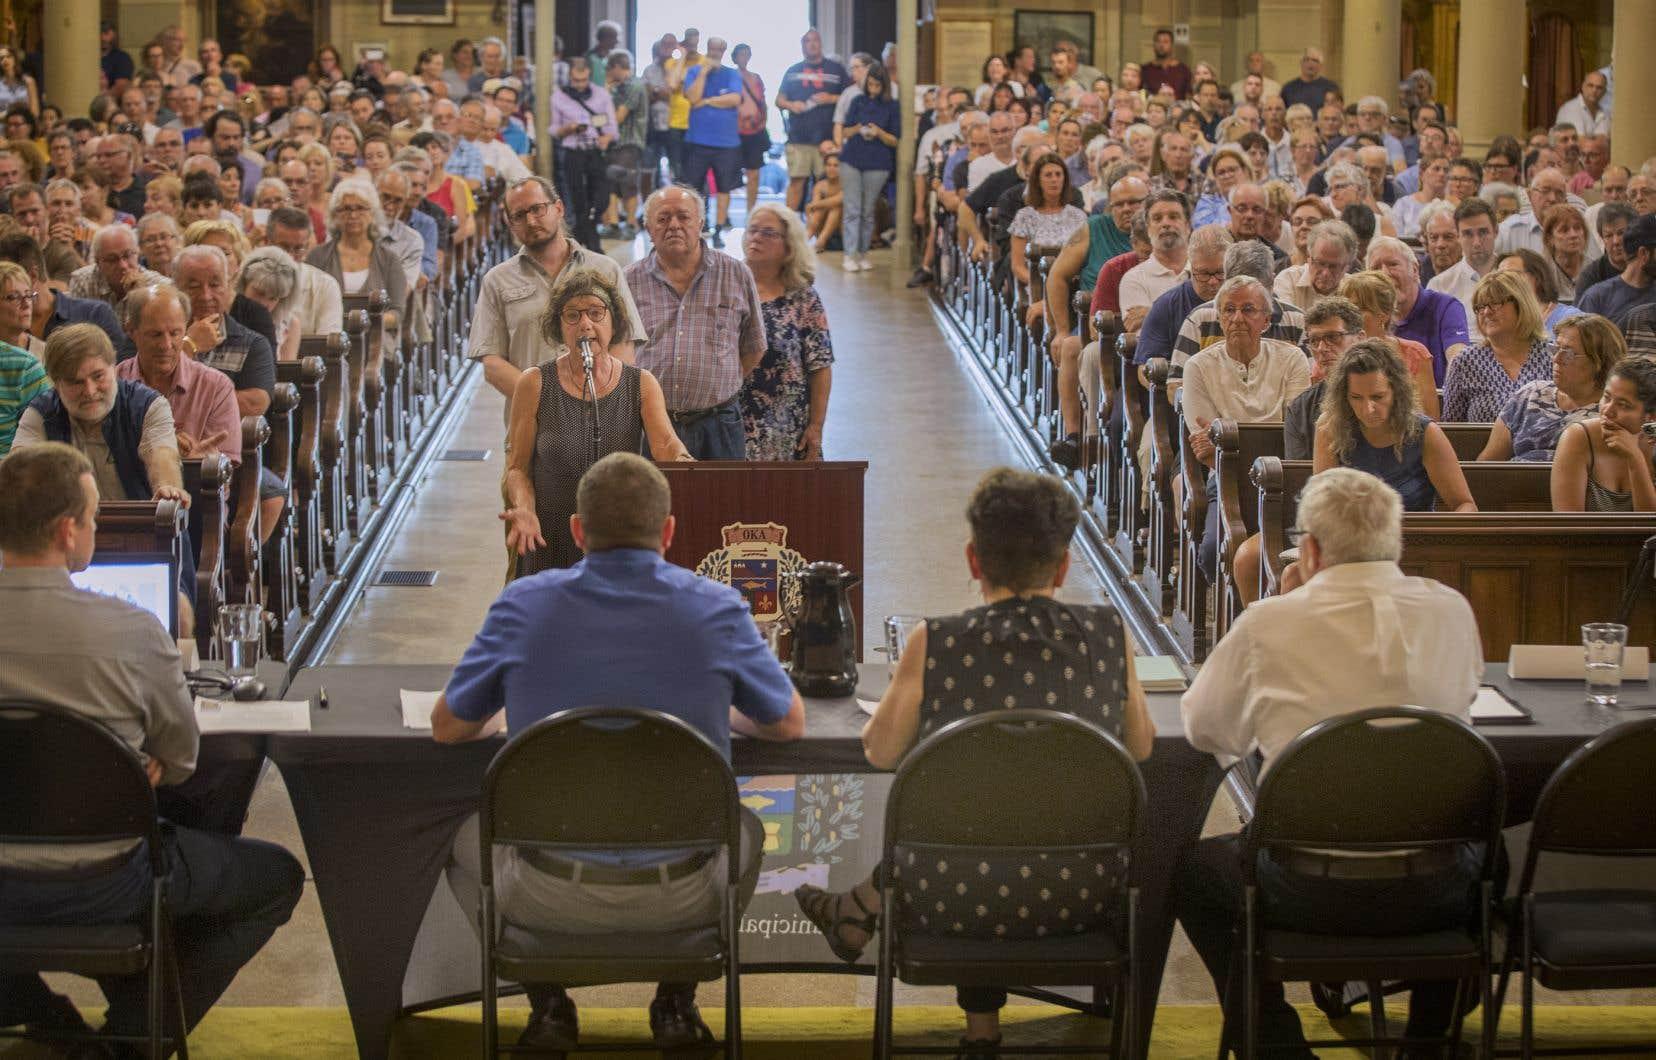 Le maire Quevillon a exposé son point de vue devant plus de 500 citoyens qui l'écoutaient attentivement avec en arrière son, le rythme des tam-tam des Mohawks venus manifester pacifiquement.